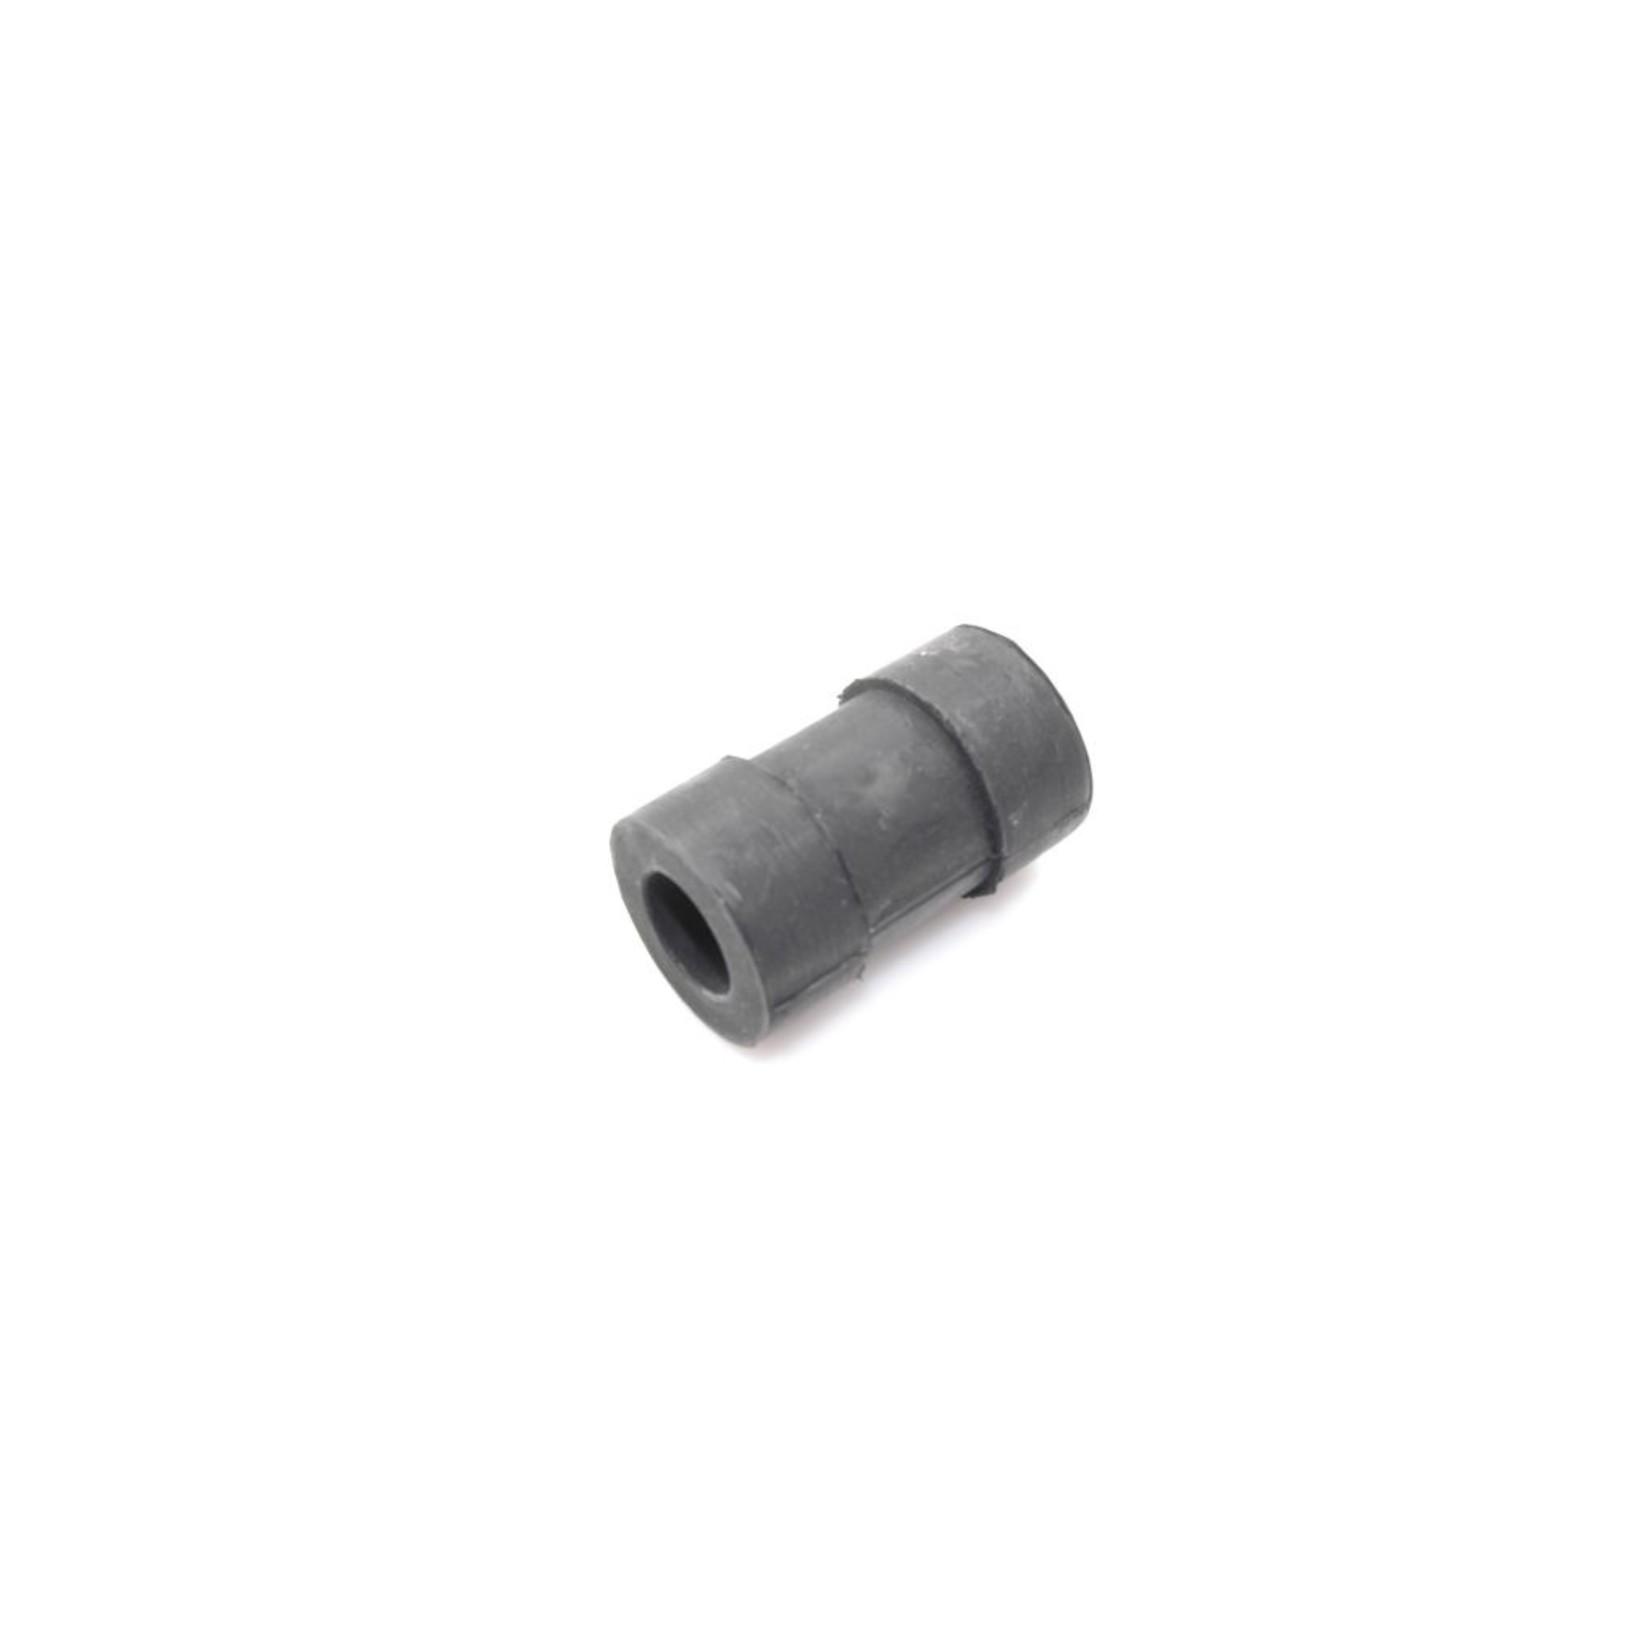 Spanbandrubber benzinetank 47mm Nr Org: DM17554